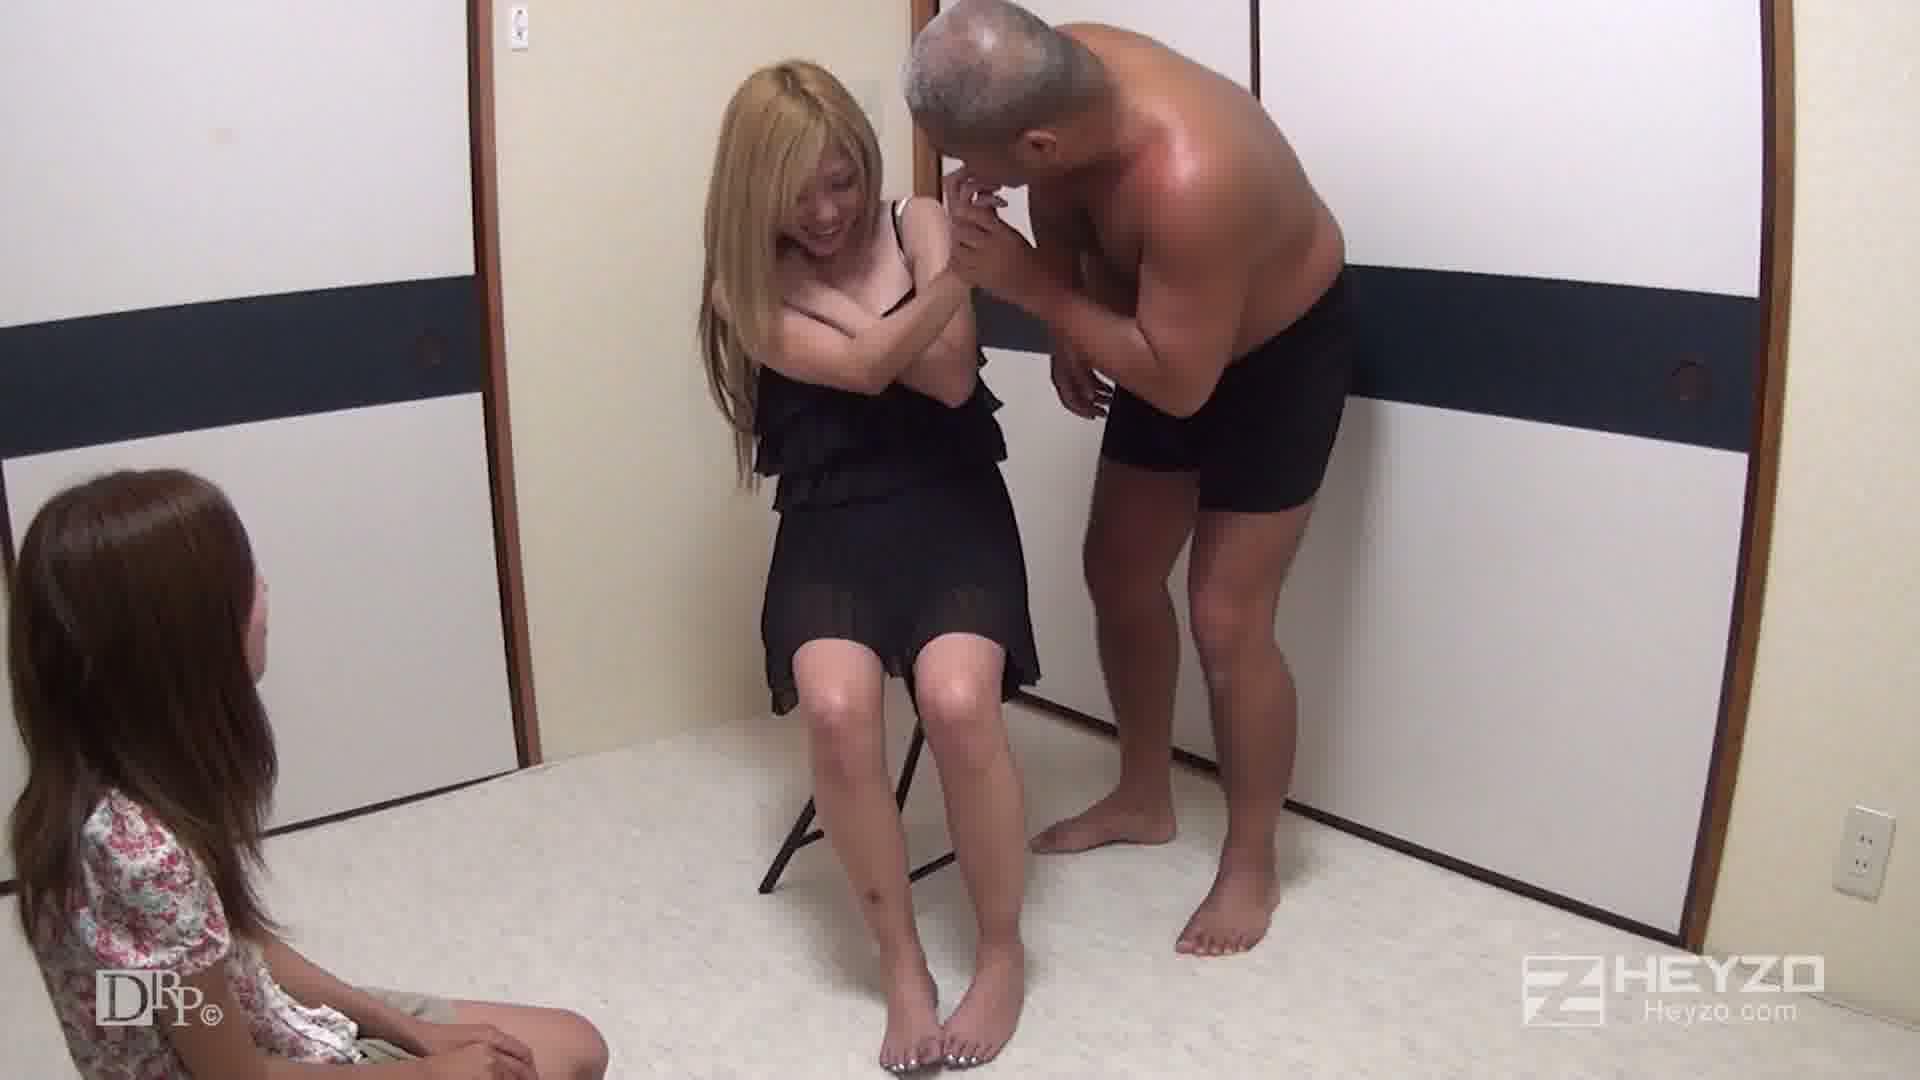 イマドキ!金髪キャバ嬢を密室独り占め - 心愛【脱衣 指マン クンニ】